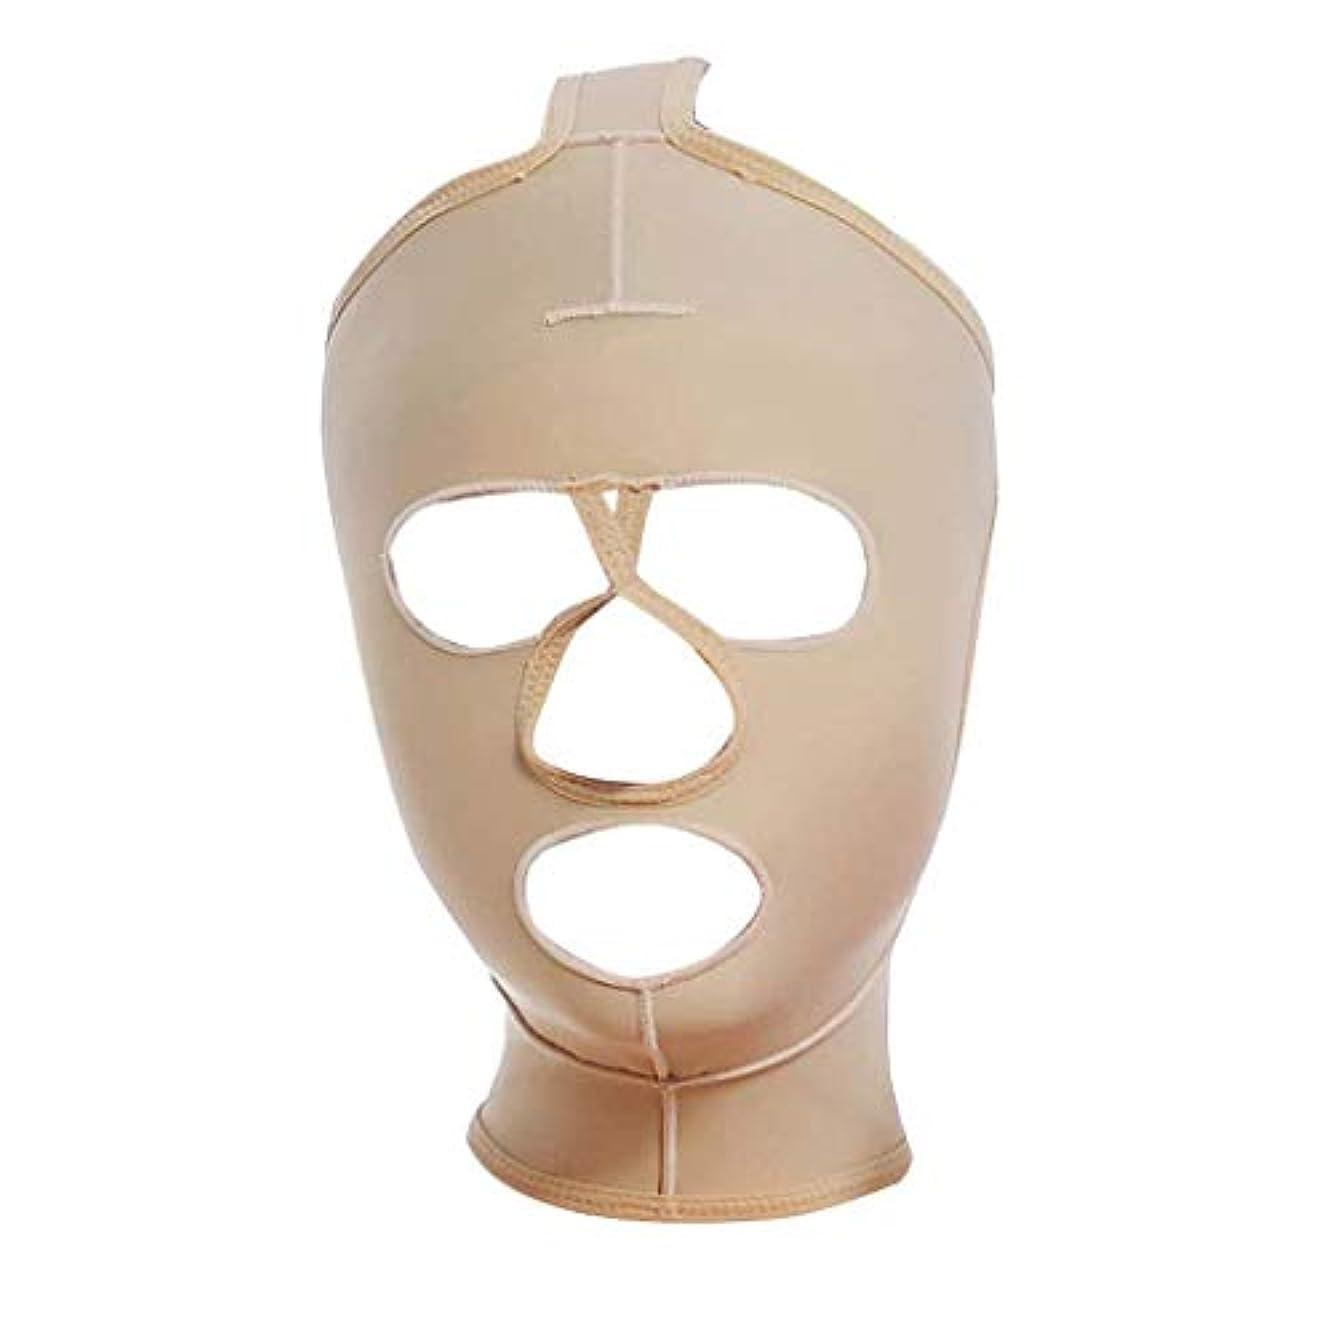 フィードバック変位共役フェイスアンドネックリフト、減量フェイスマスク脂肪吸引術脂肪吸引術シェーピングマスクフードフェイスリフティングアーティファクトVフェイスビームフェイス弾性スリーブ(サイズ:Xl)